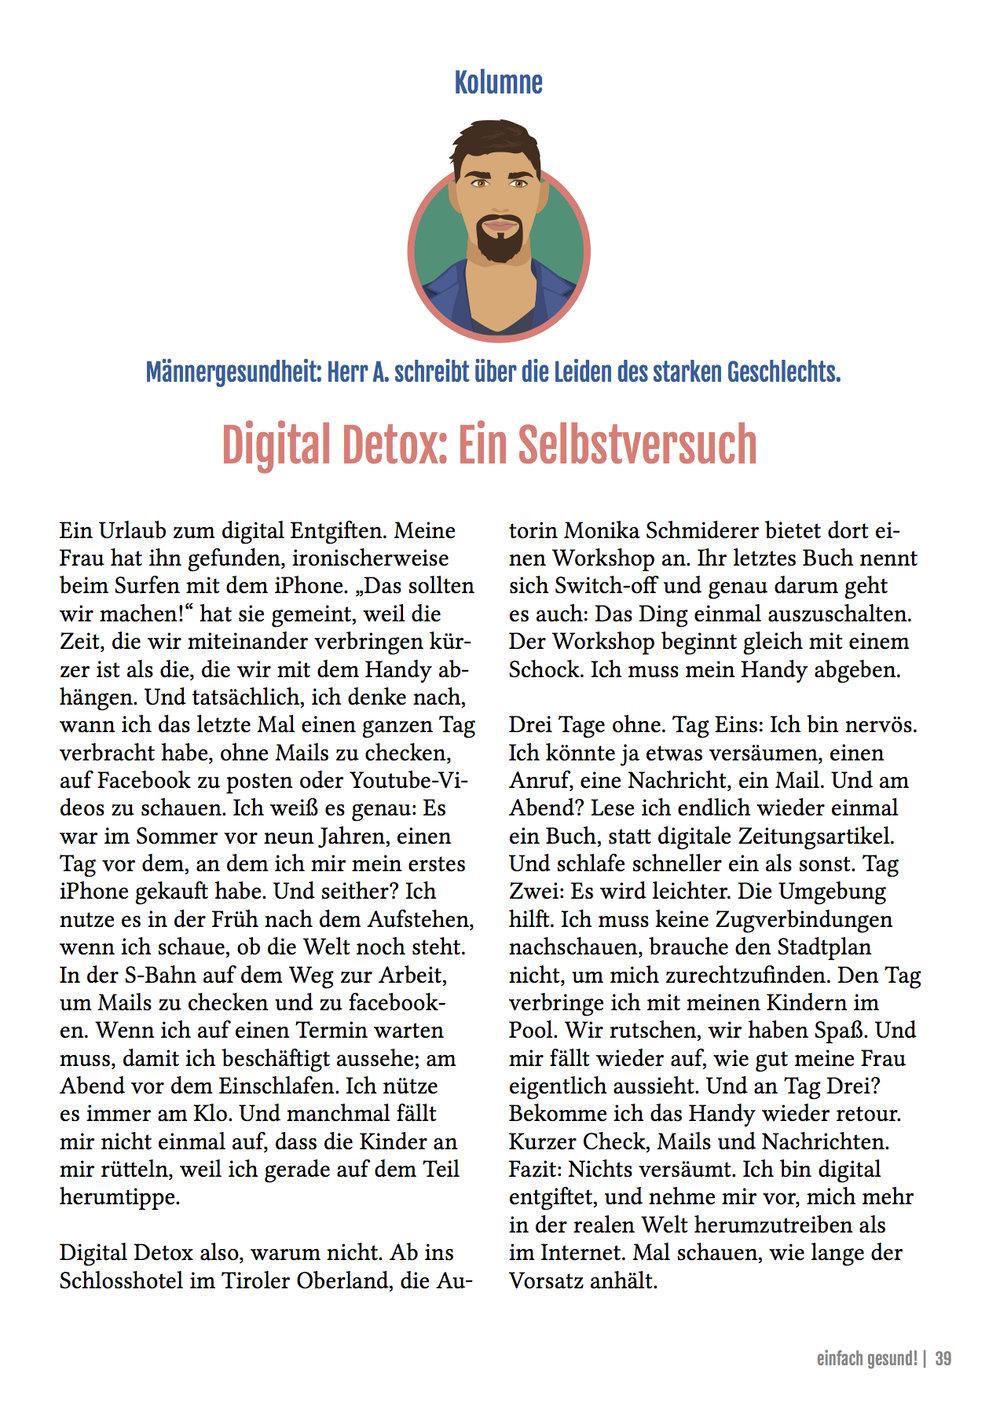 einfach_gesund_digital detox_kolumne.jpg